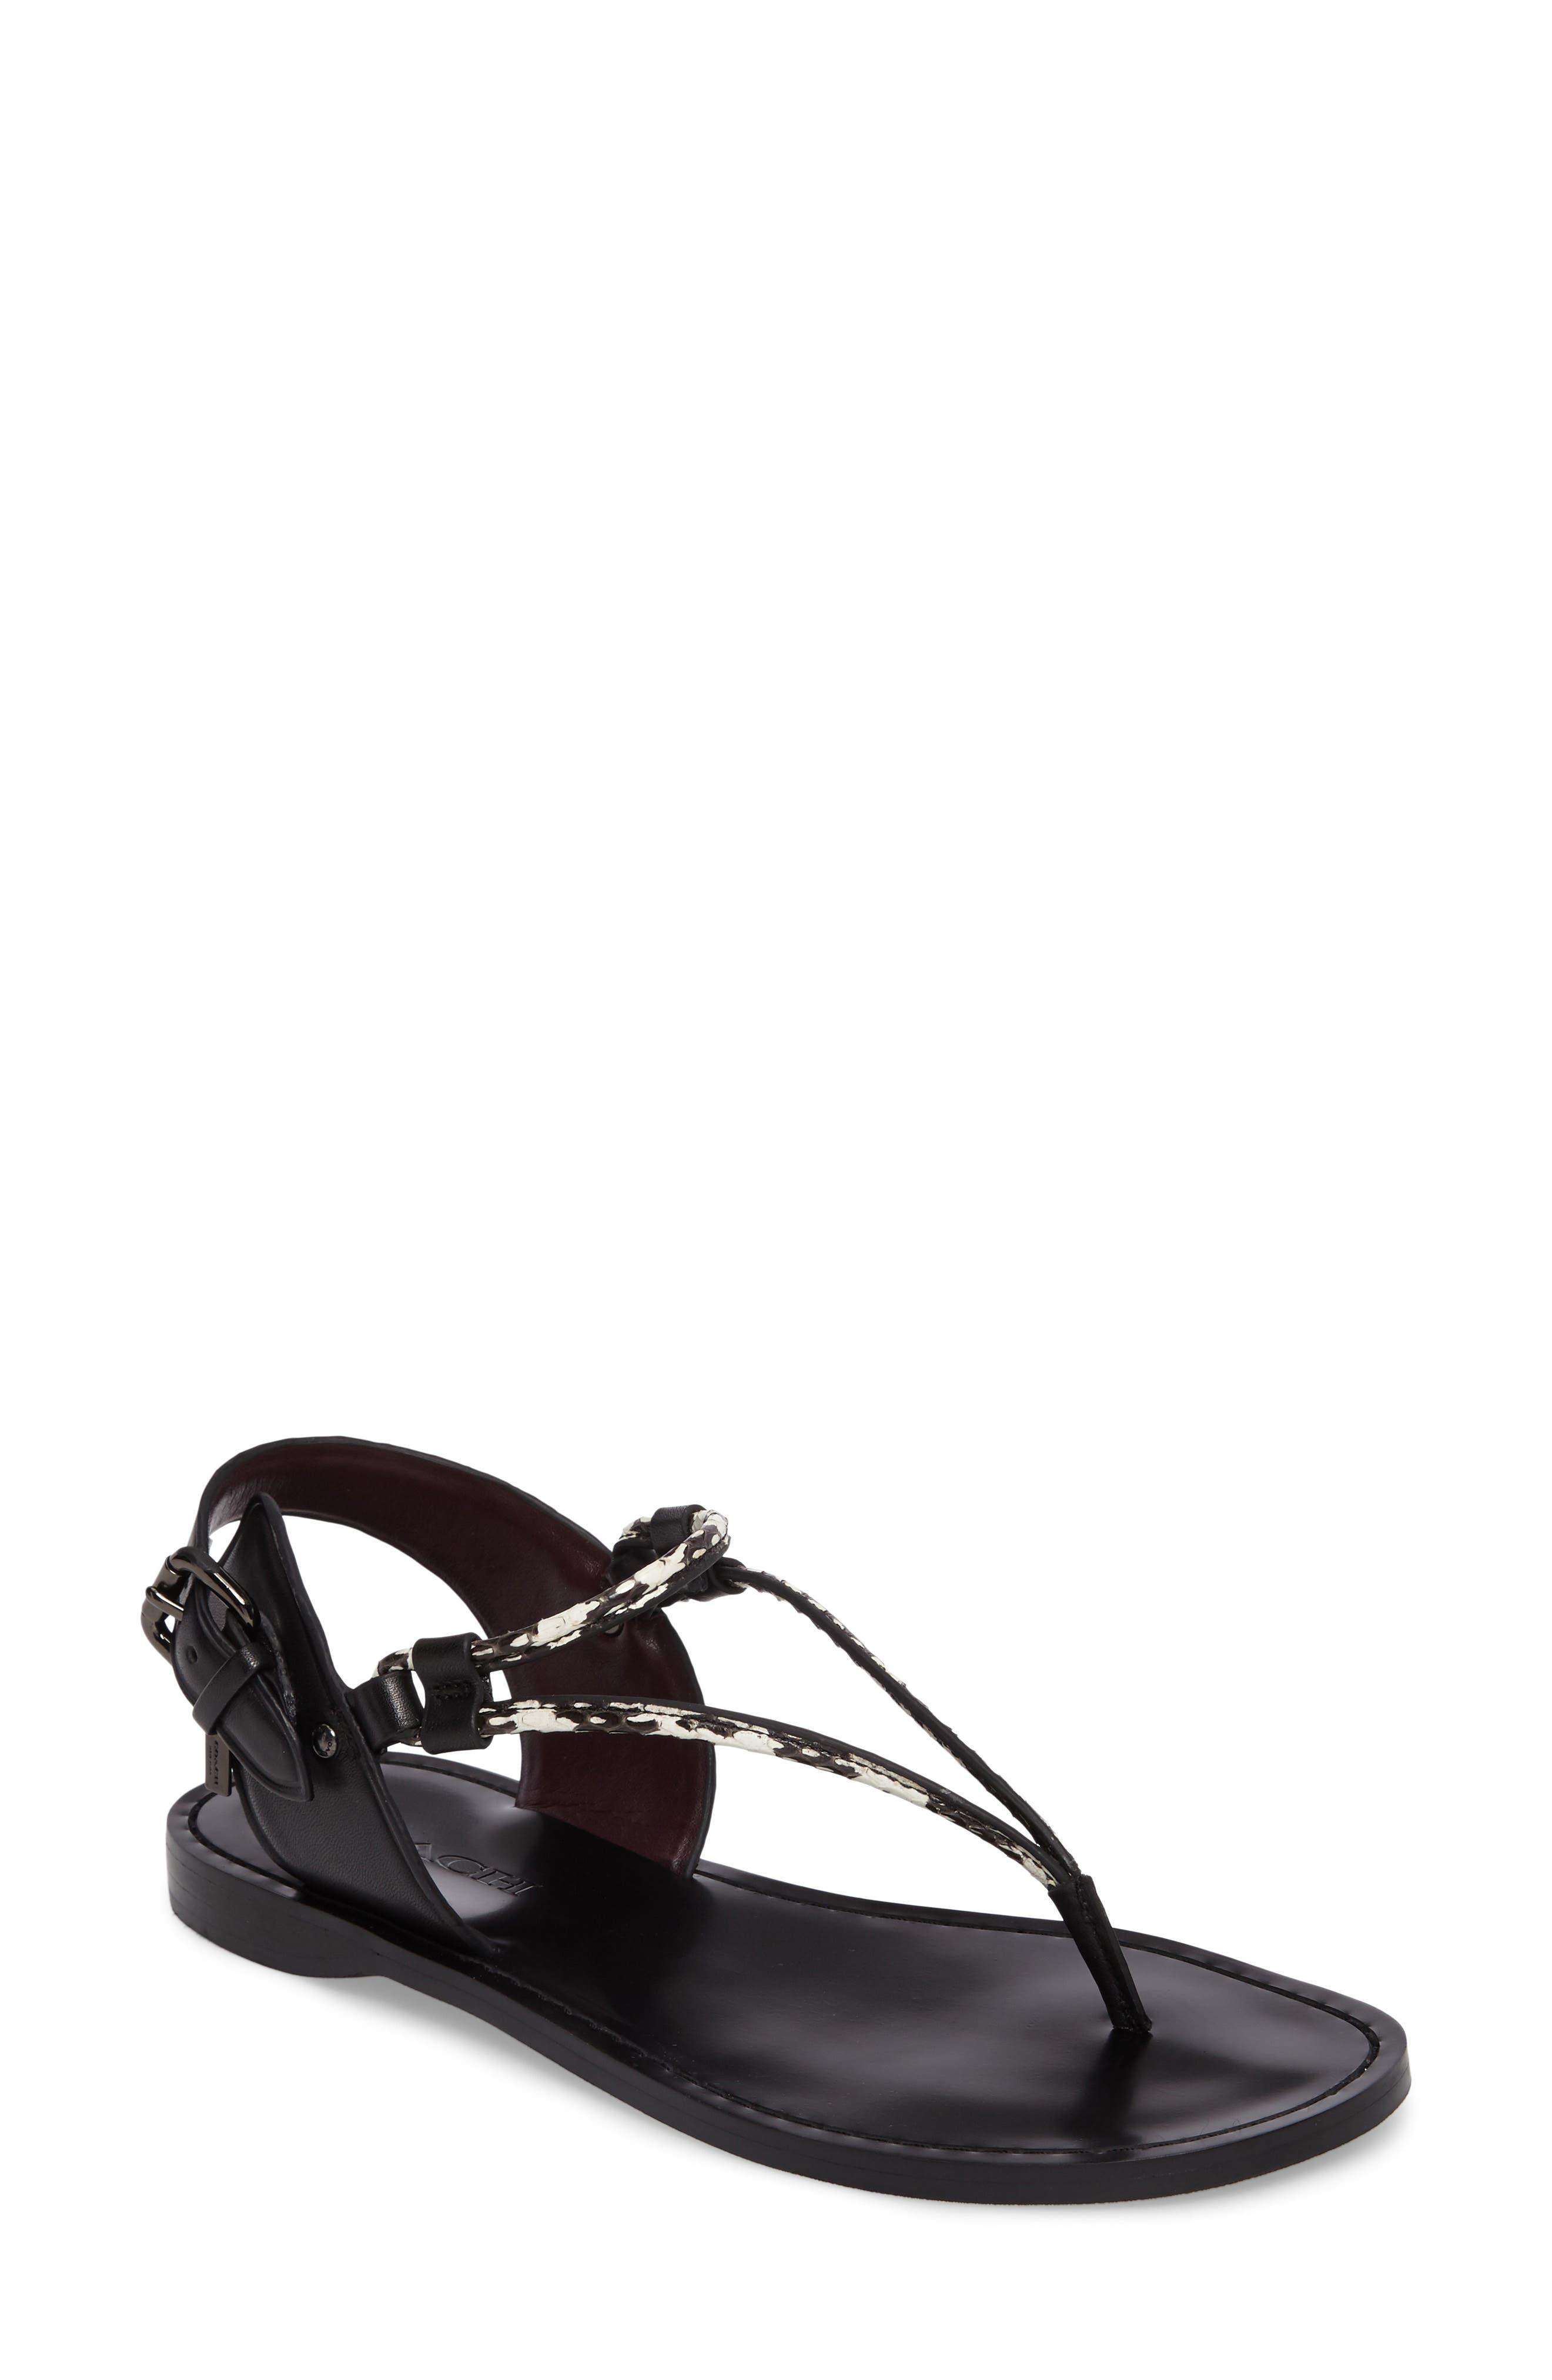 COACH 'Clarkson' Sandal